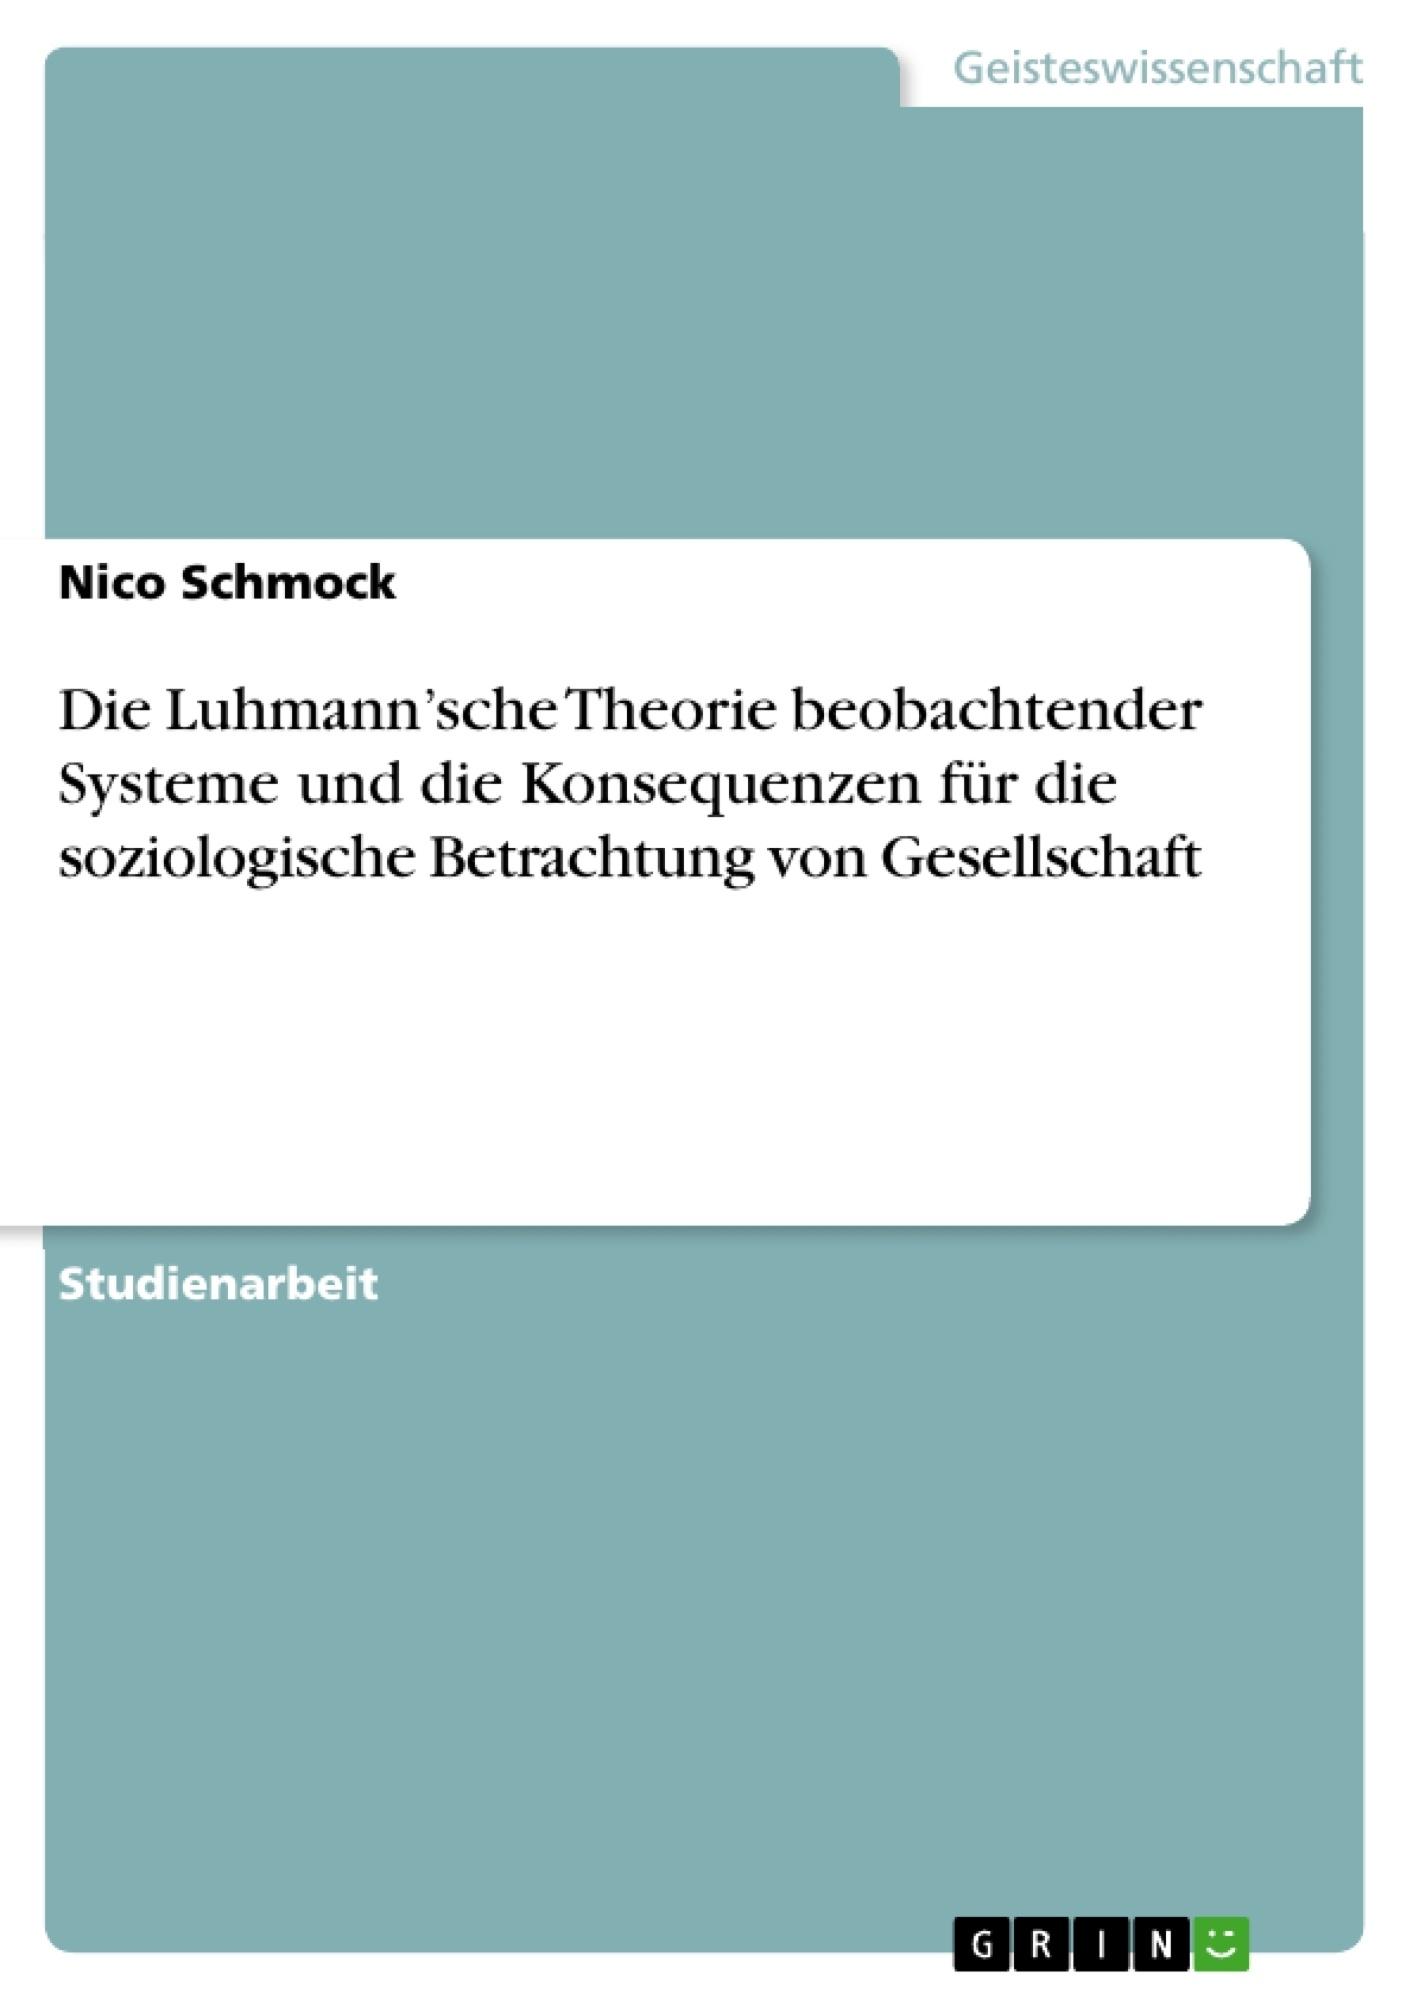 Titel: Die Luhmann'sche Theorie beobachtender Systeme und die Konsequenzen für die soziologische Betrachtung von Gesellschaft